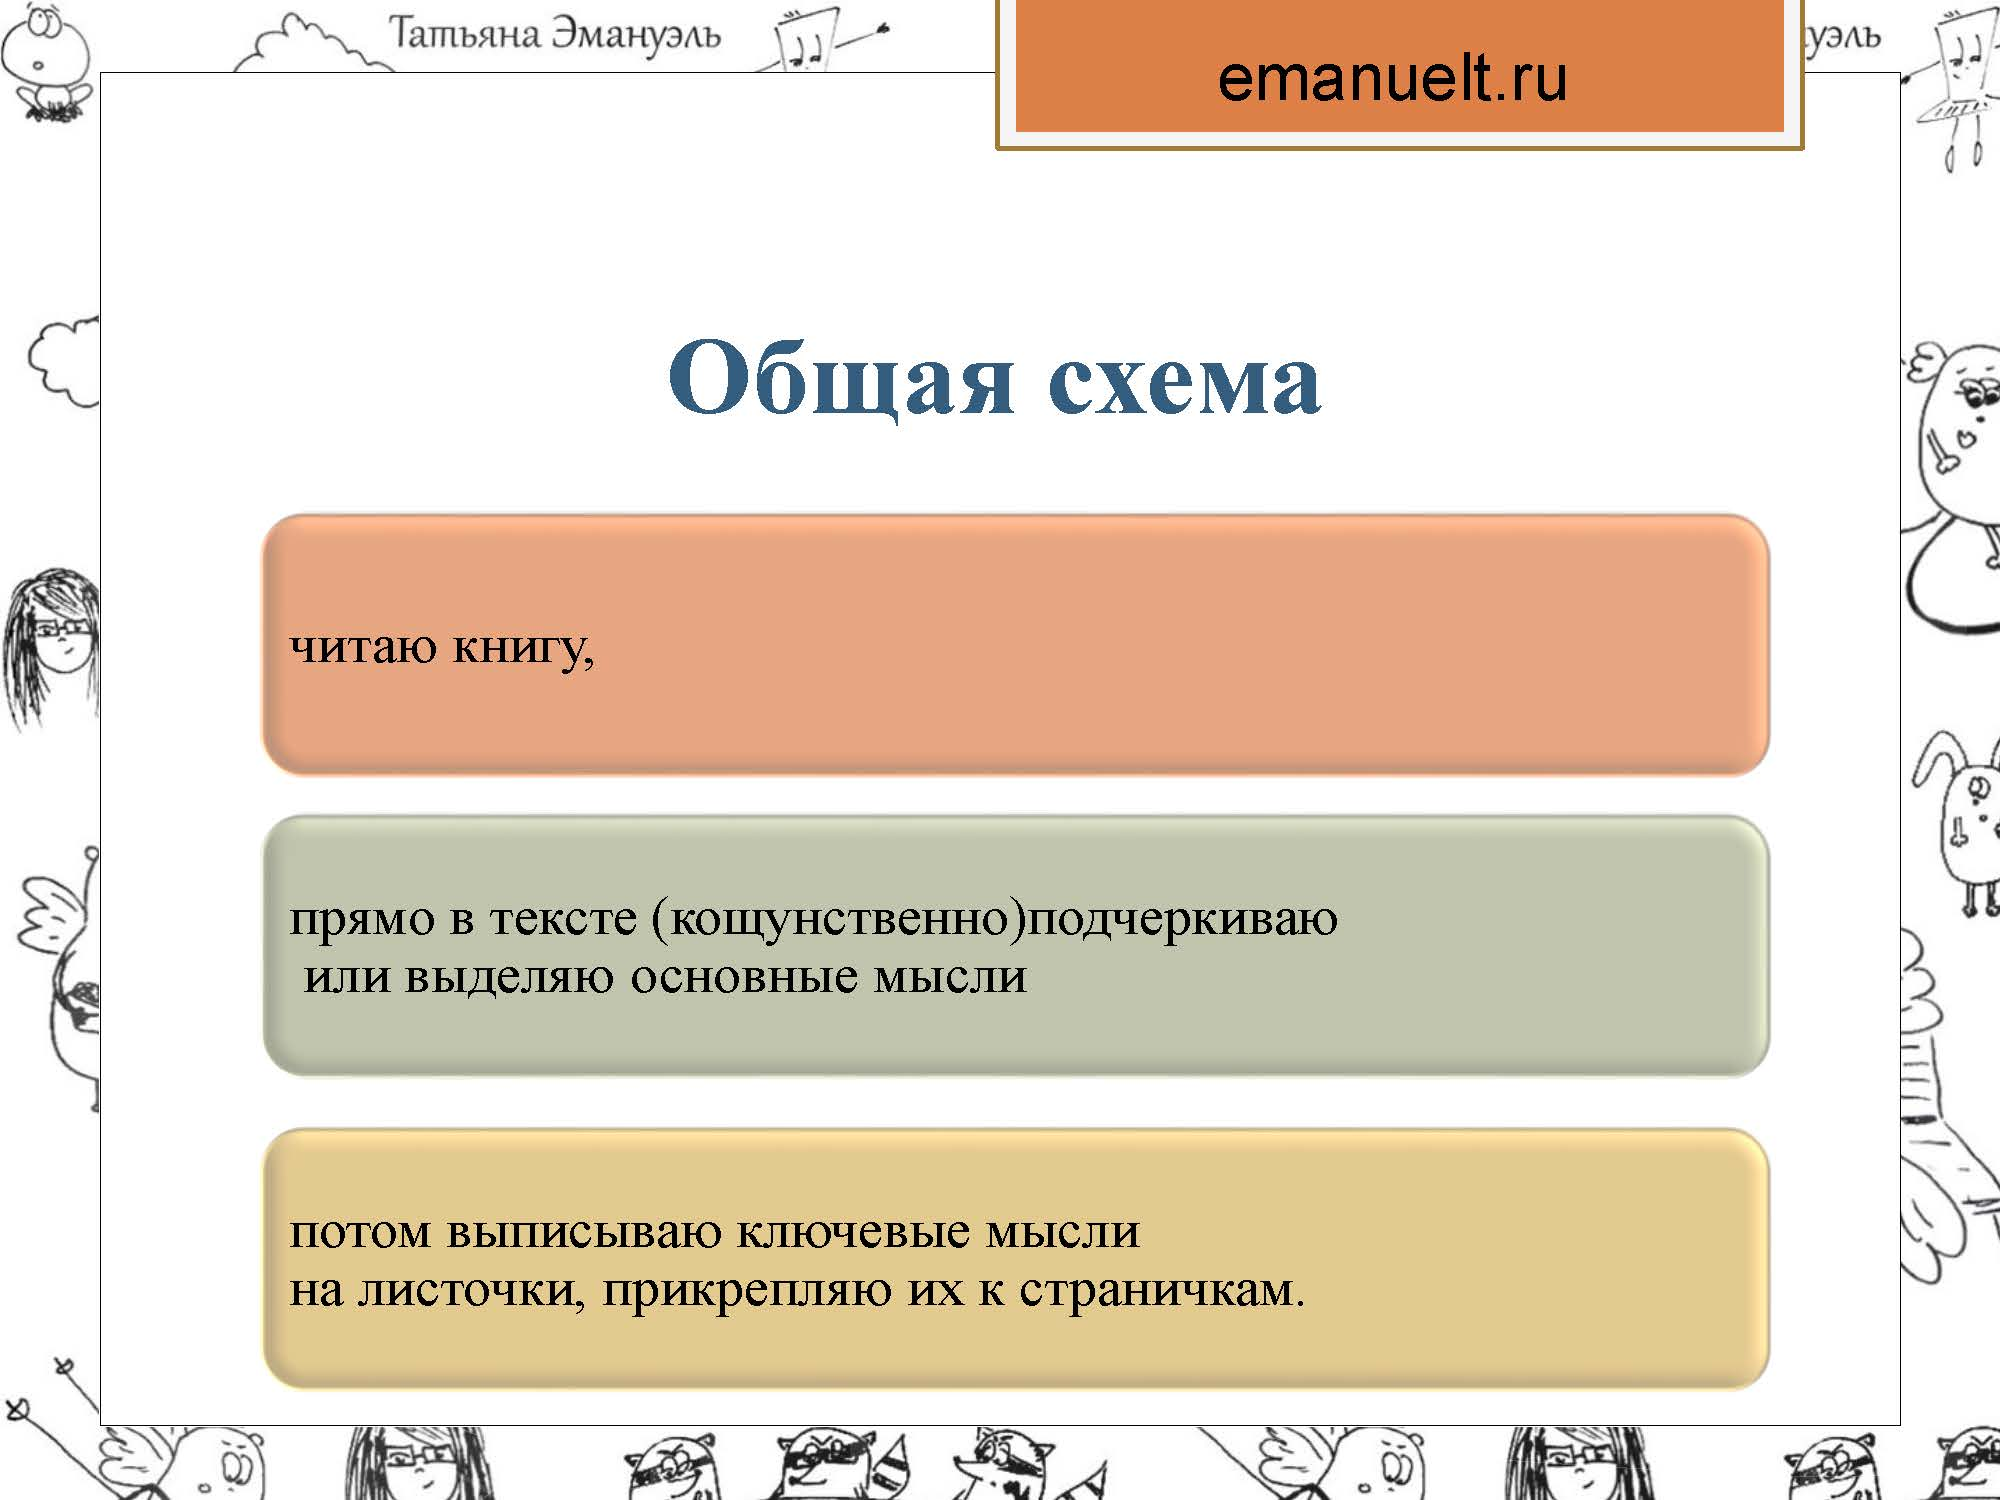 инфо_Страница_005